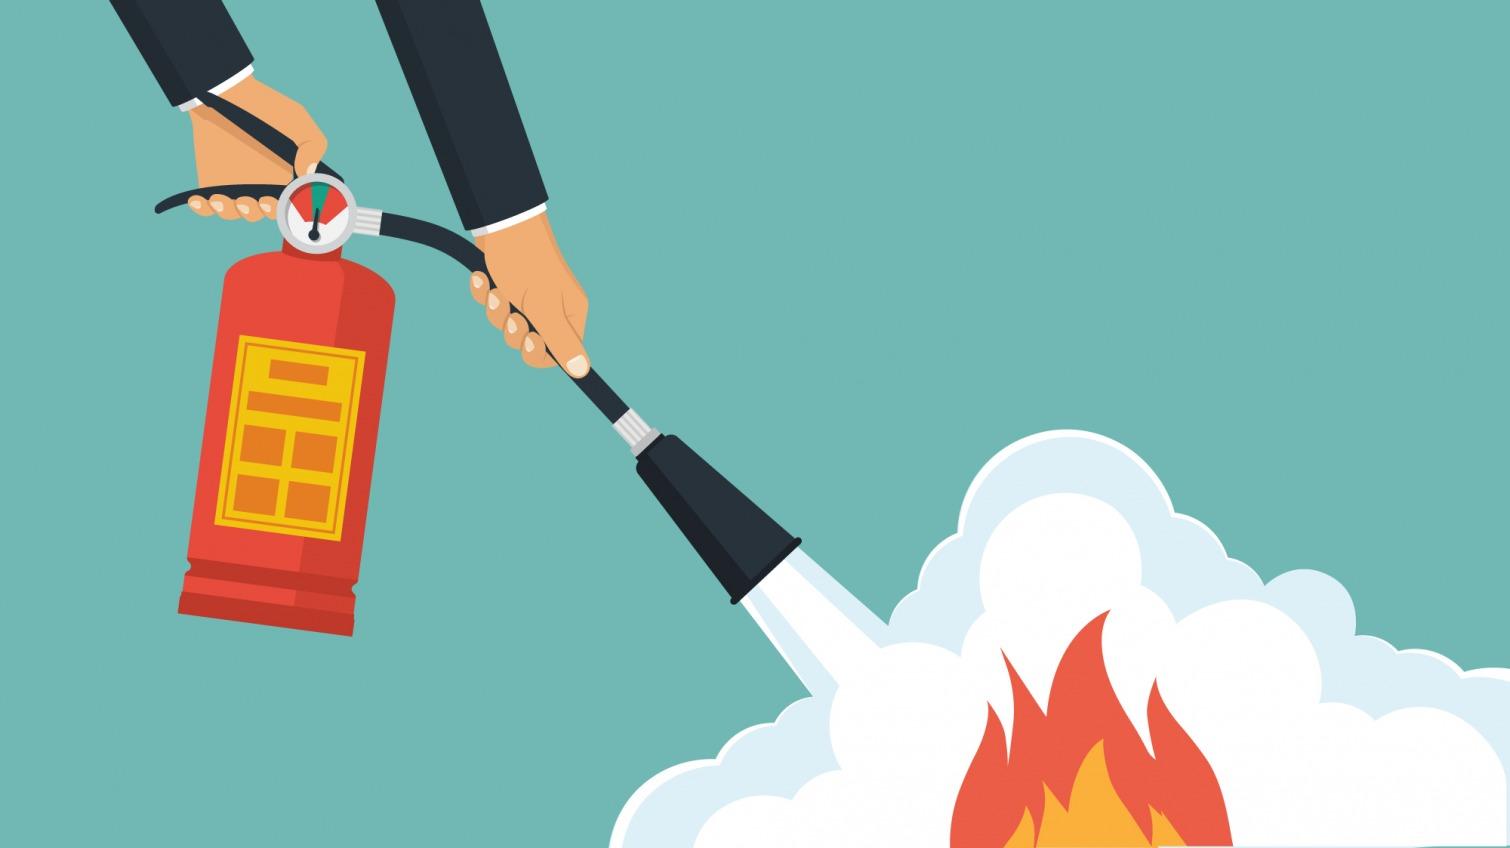 Техники нет, но вы учитесь: в ОСМД расскажут про пожарную безопасность «фото»